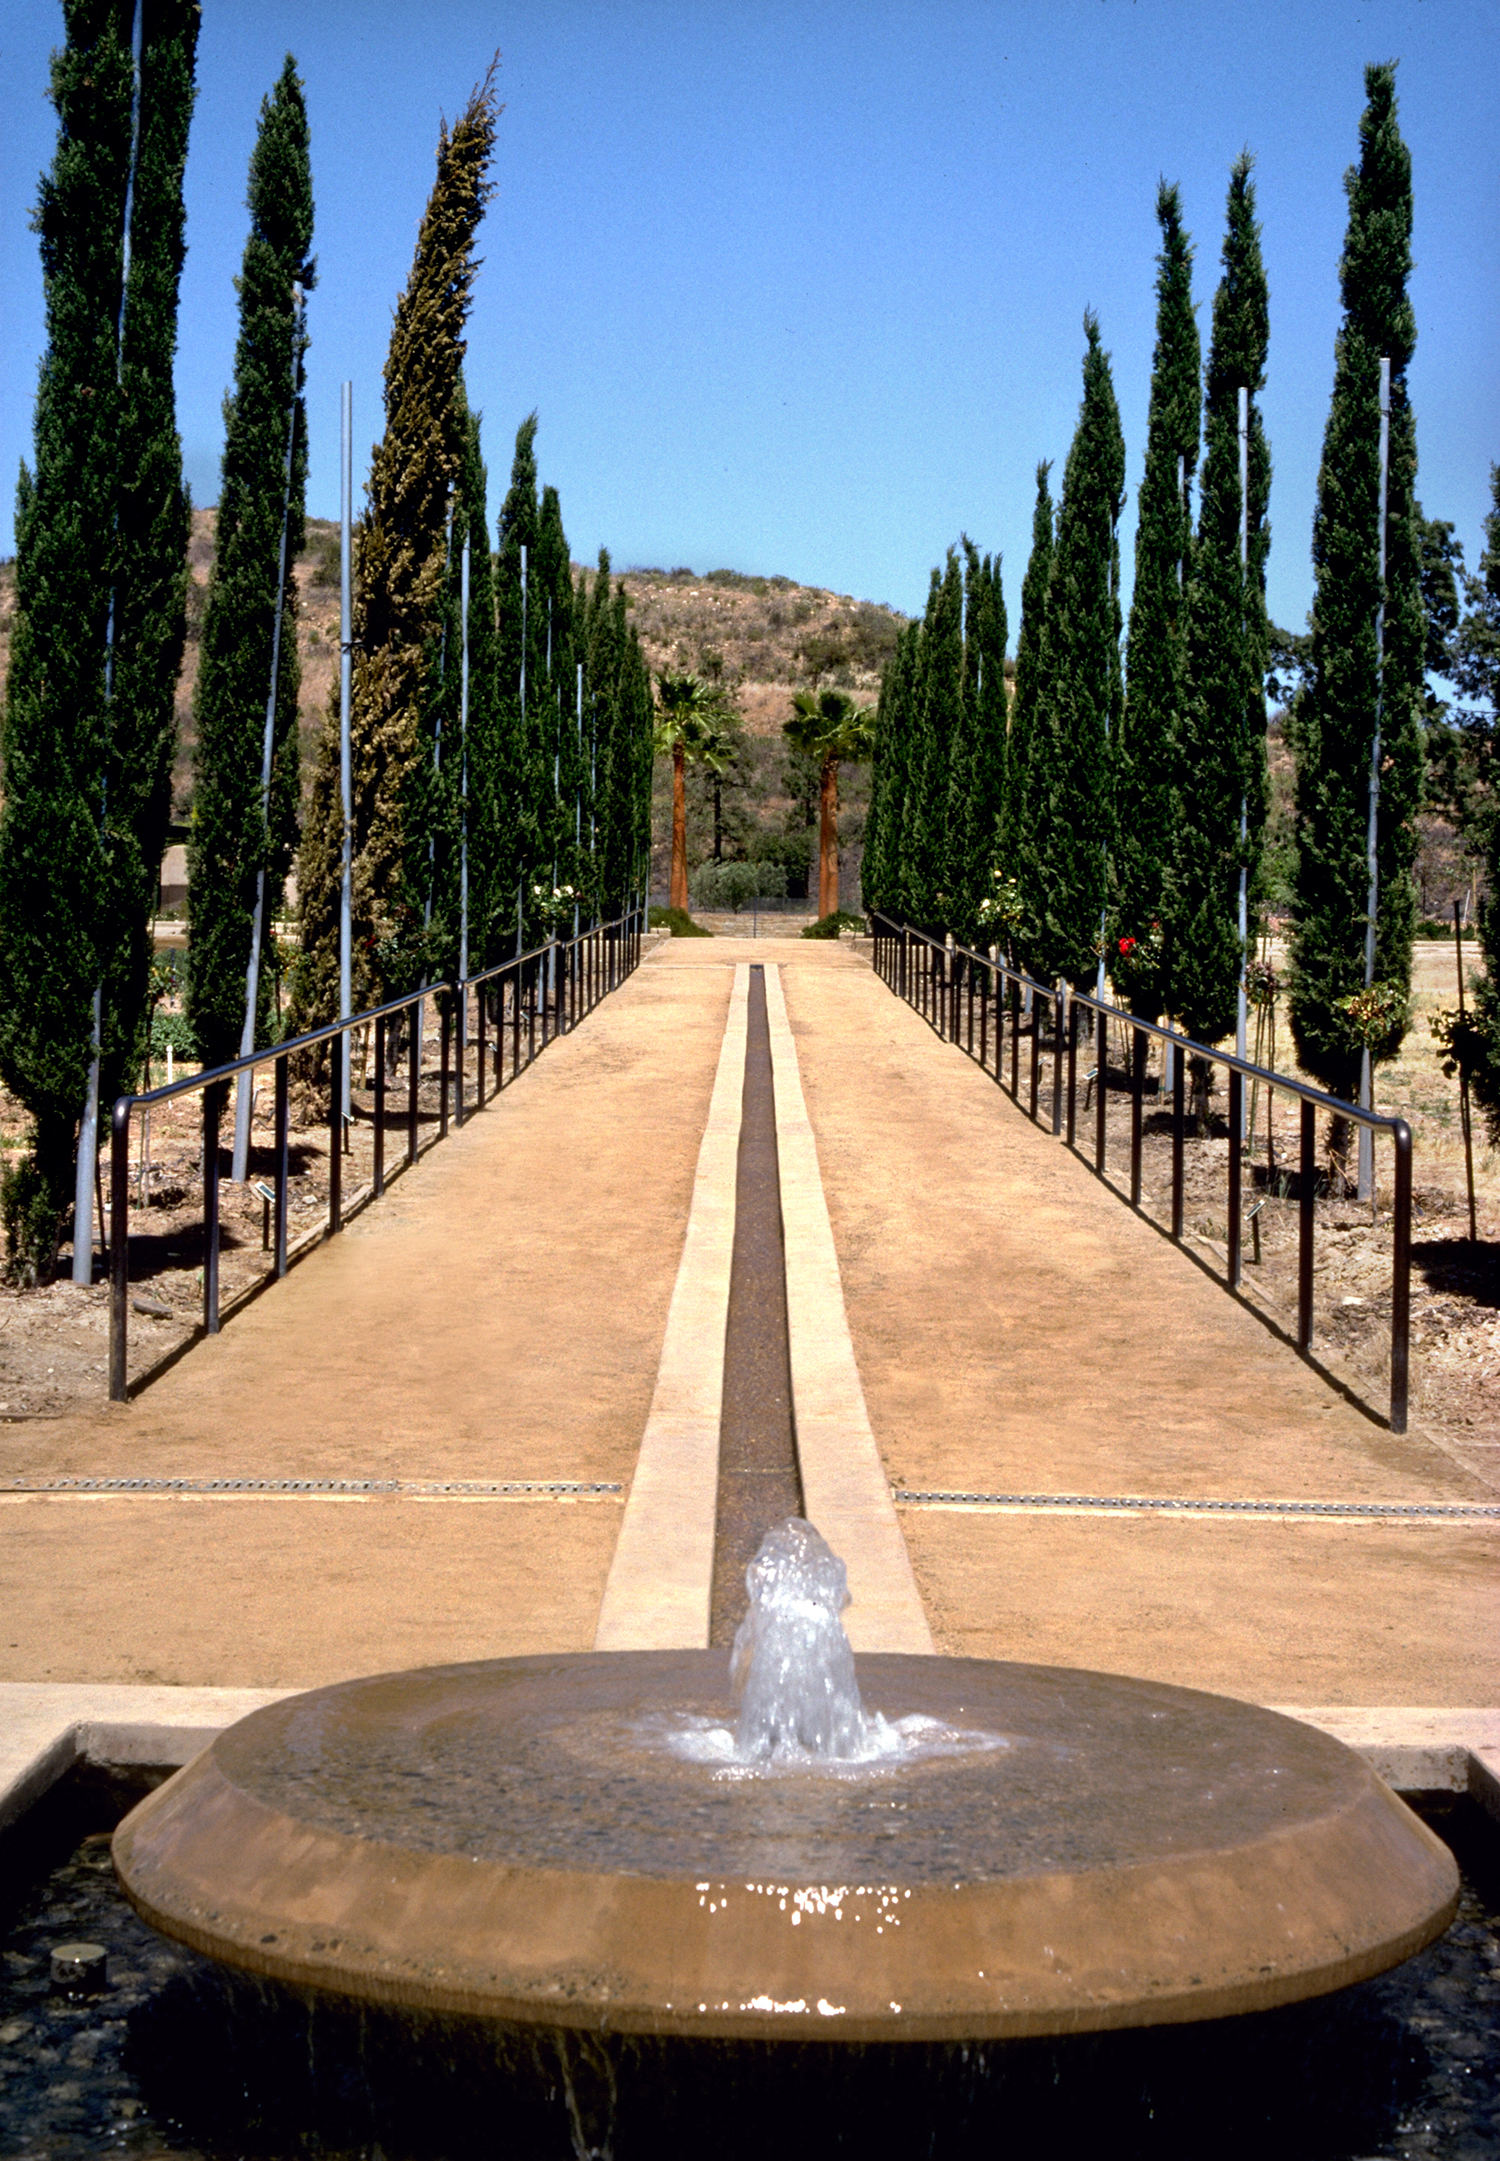 Rio Vista Water Conservation Garden